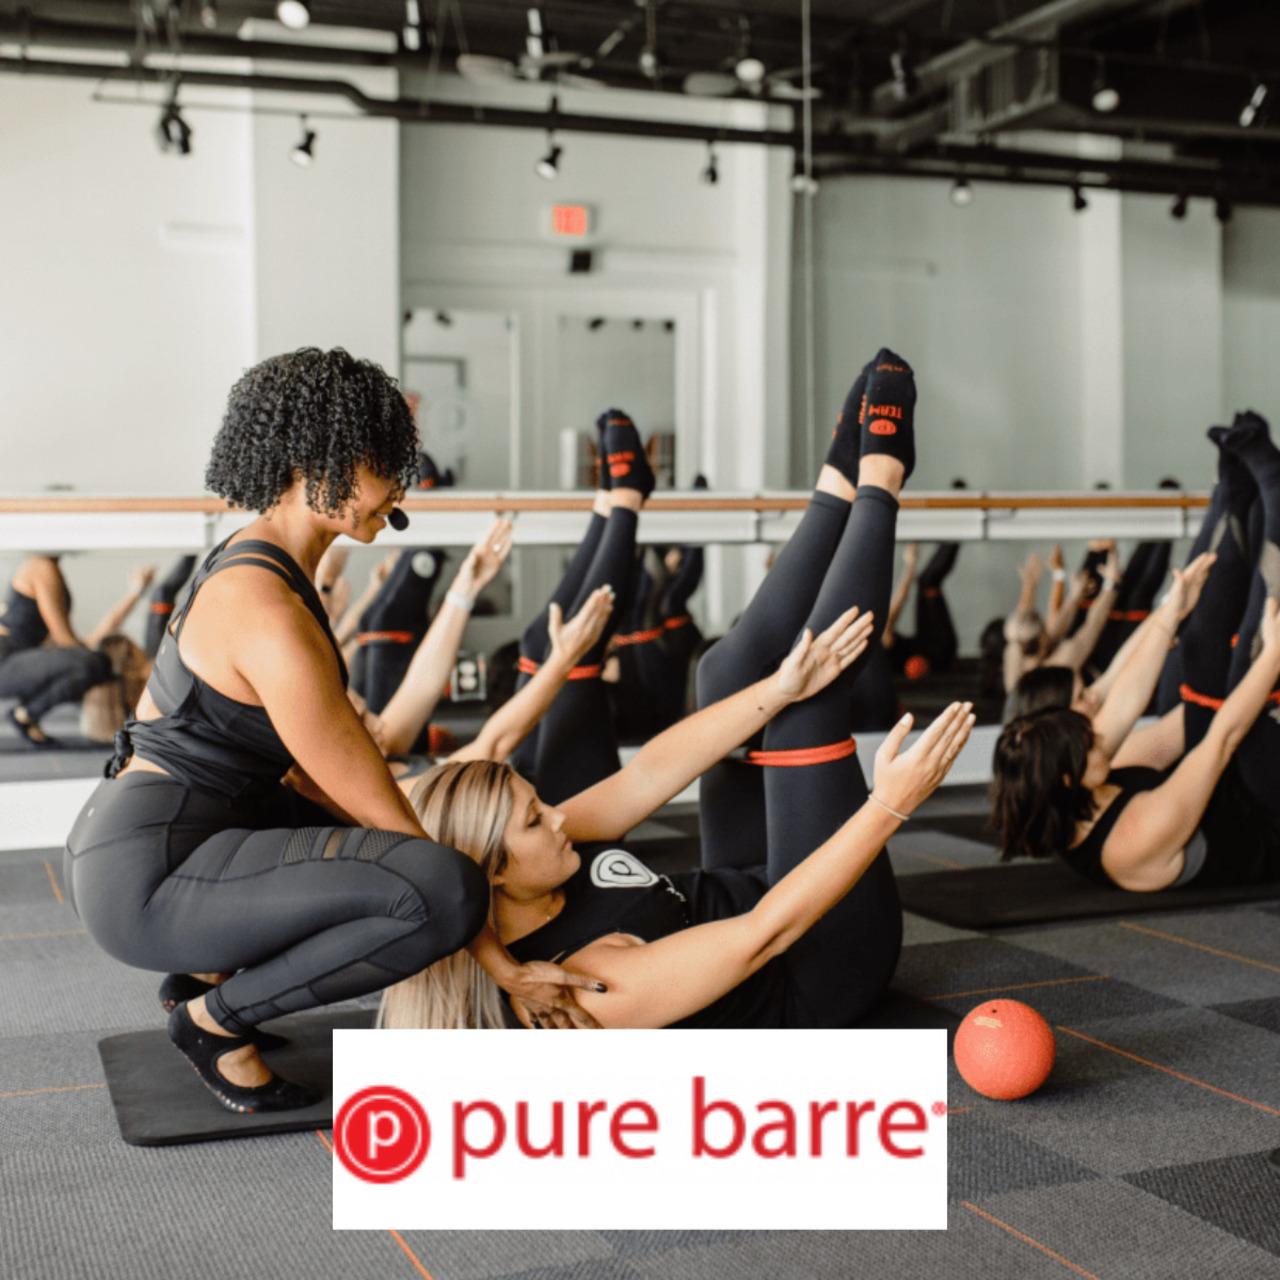 Pure Barre Membership